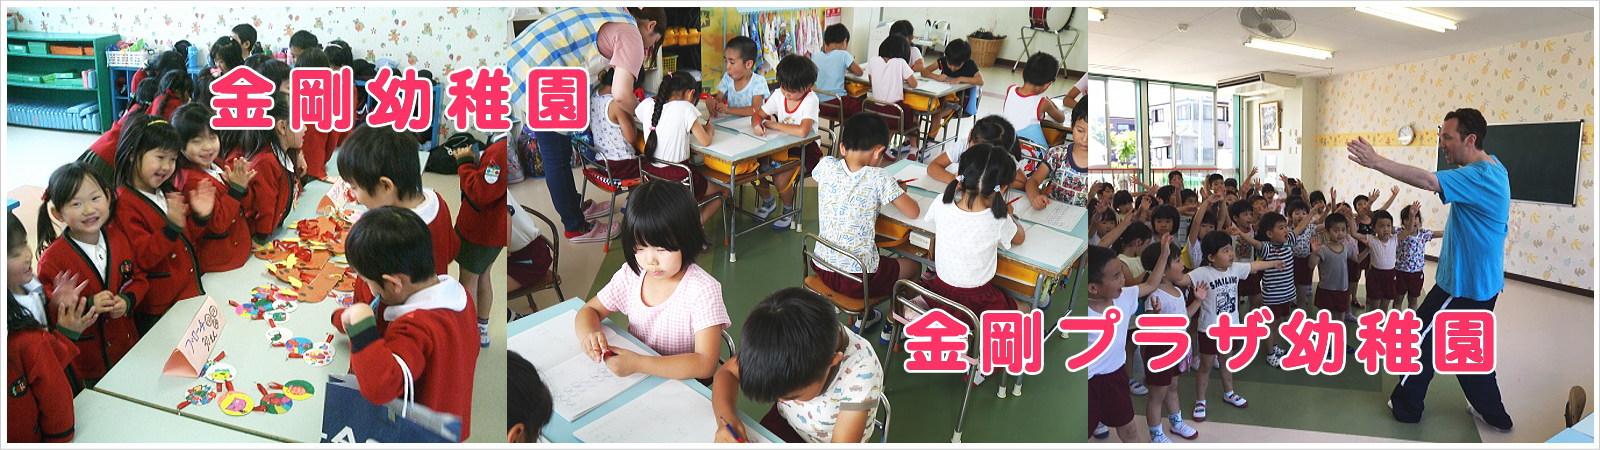 愛知県一宮市の幼稚園 金剛幼稚園 金剛プラザ幼稚園